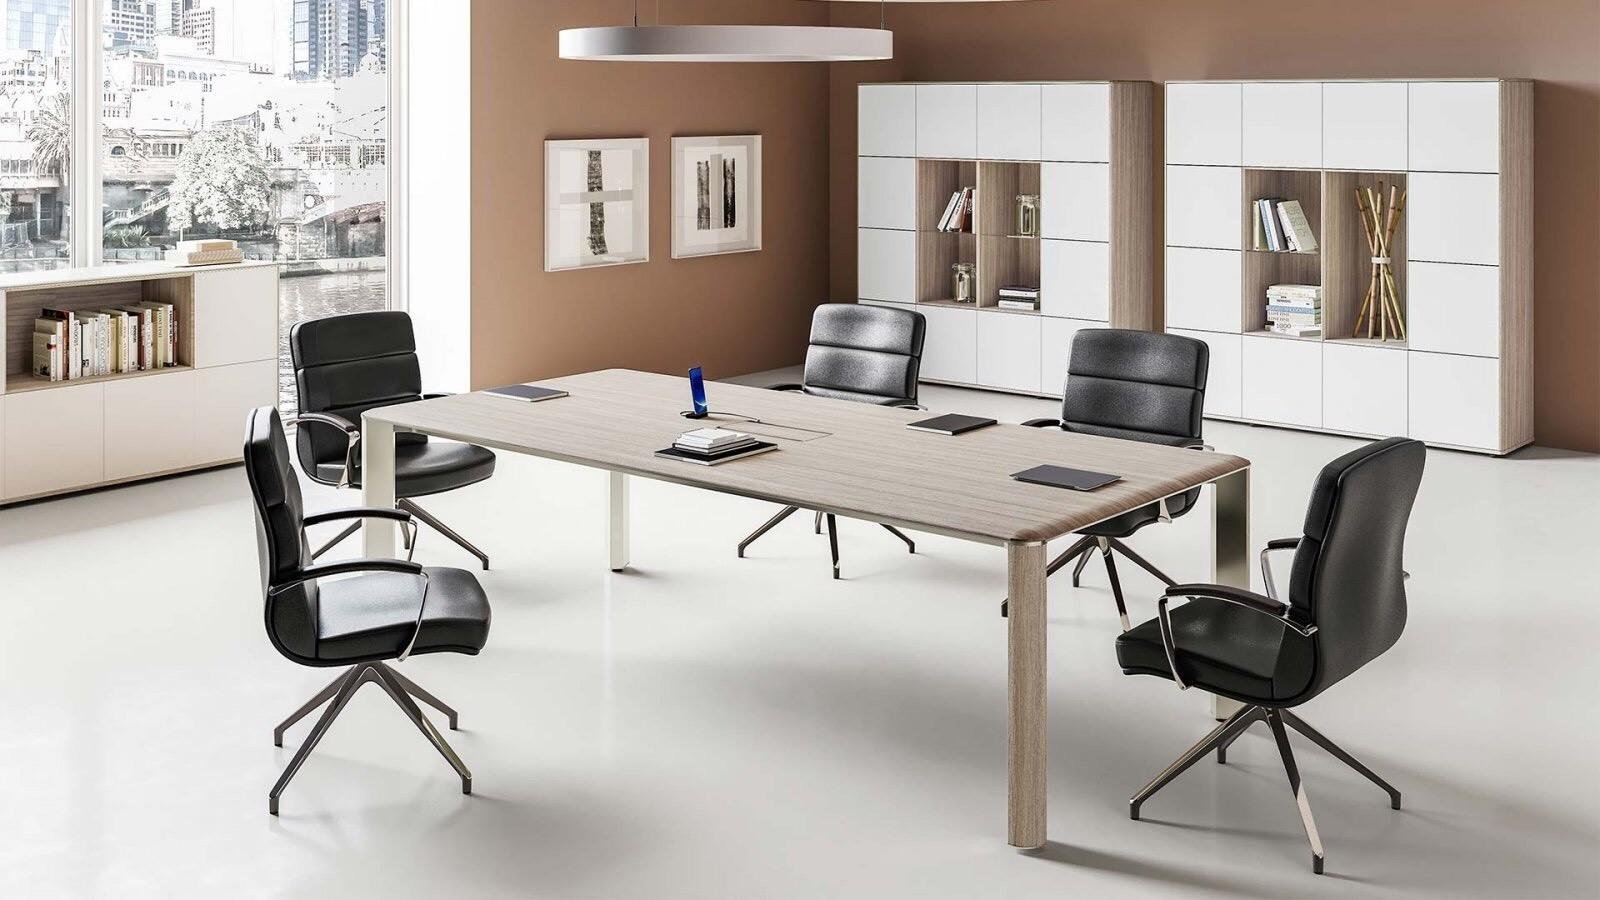 5 секретов идеального офиса: что обязательно должно быть в интерьере?